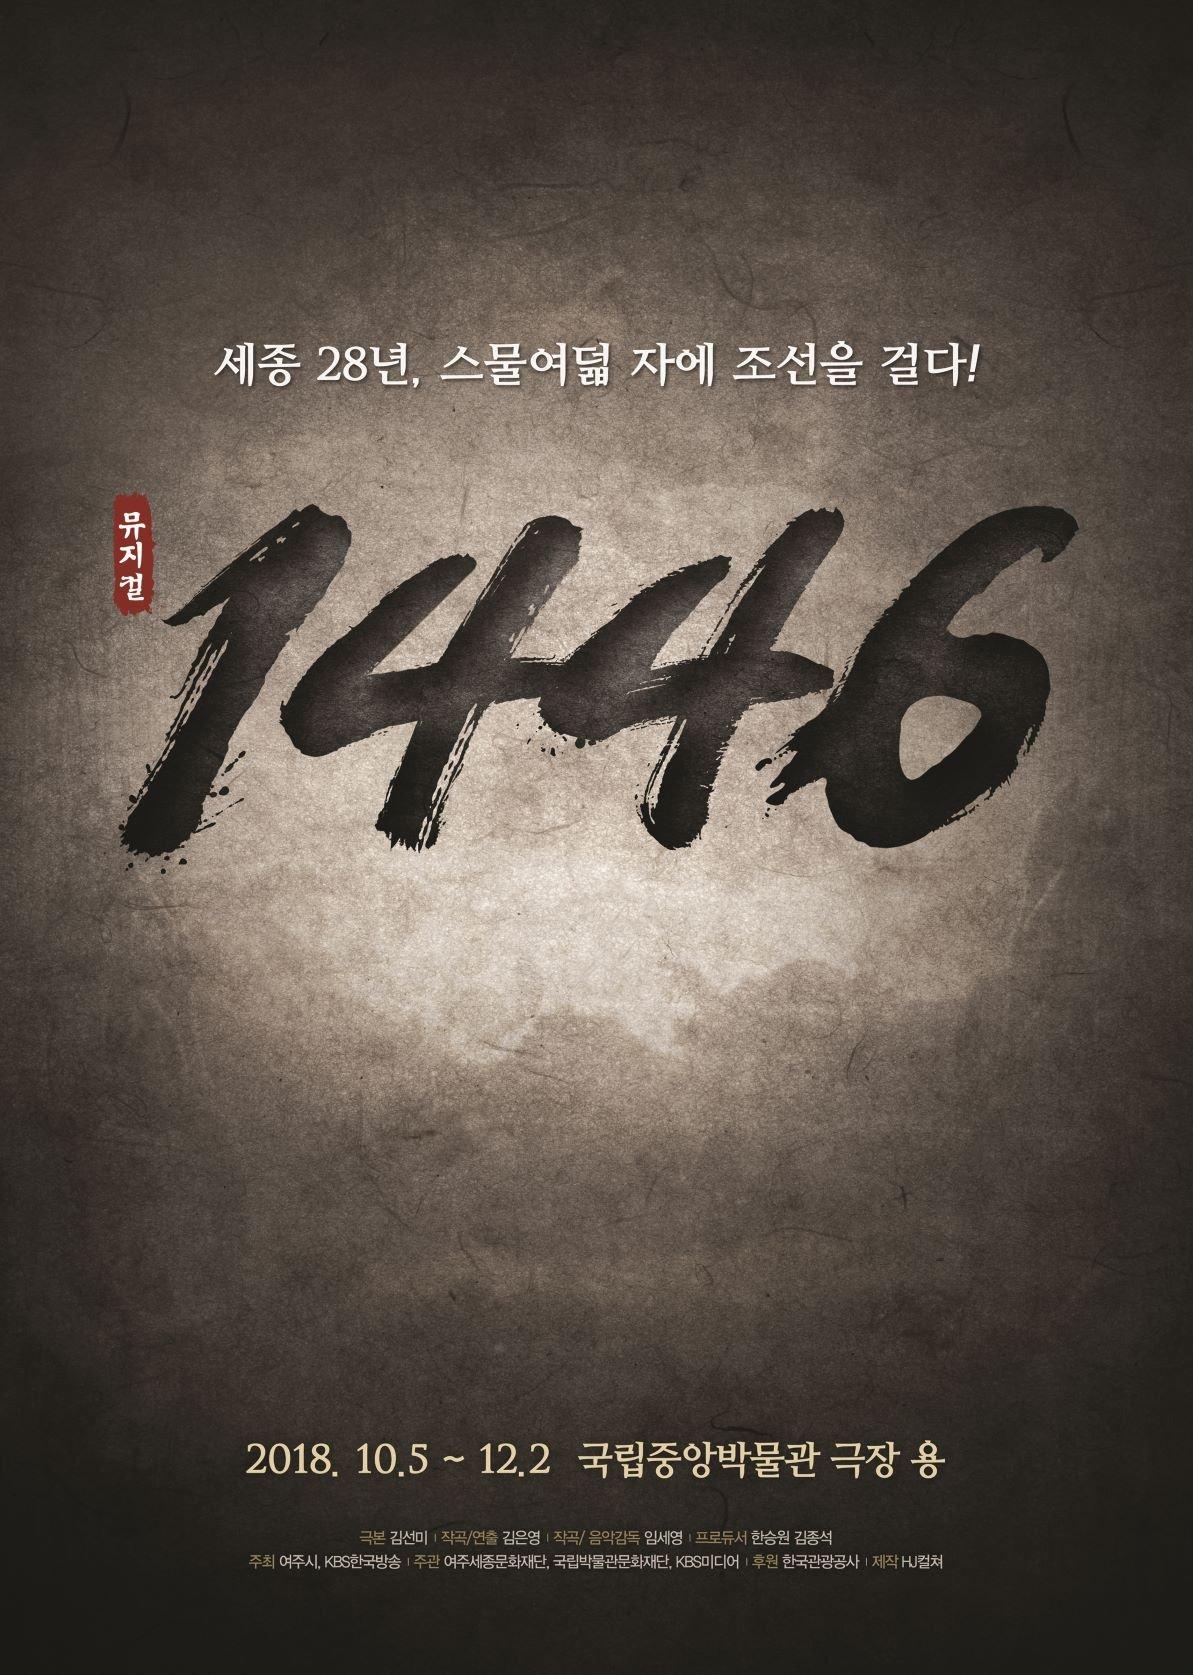 뮤지컬 <1446> 공연 초대 이벤트 ㅇ 초대 일시: 2018년 10월 6일(토) 19시 ㅇ 초대 인원: R석 10쌍 (1인 2매)